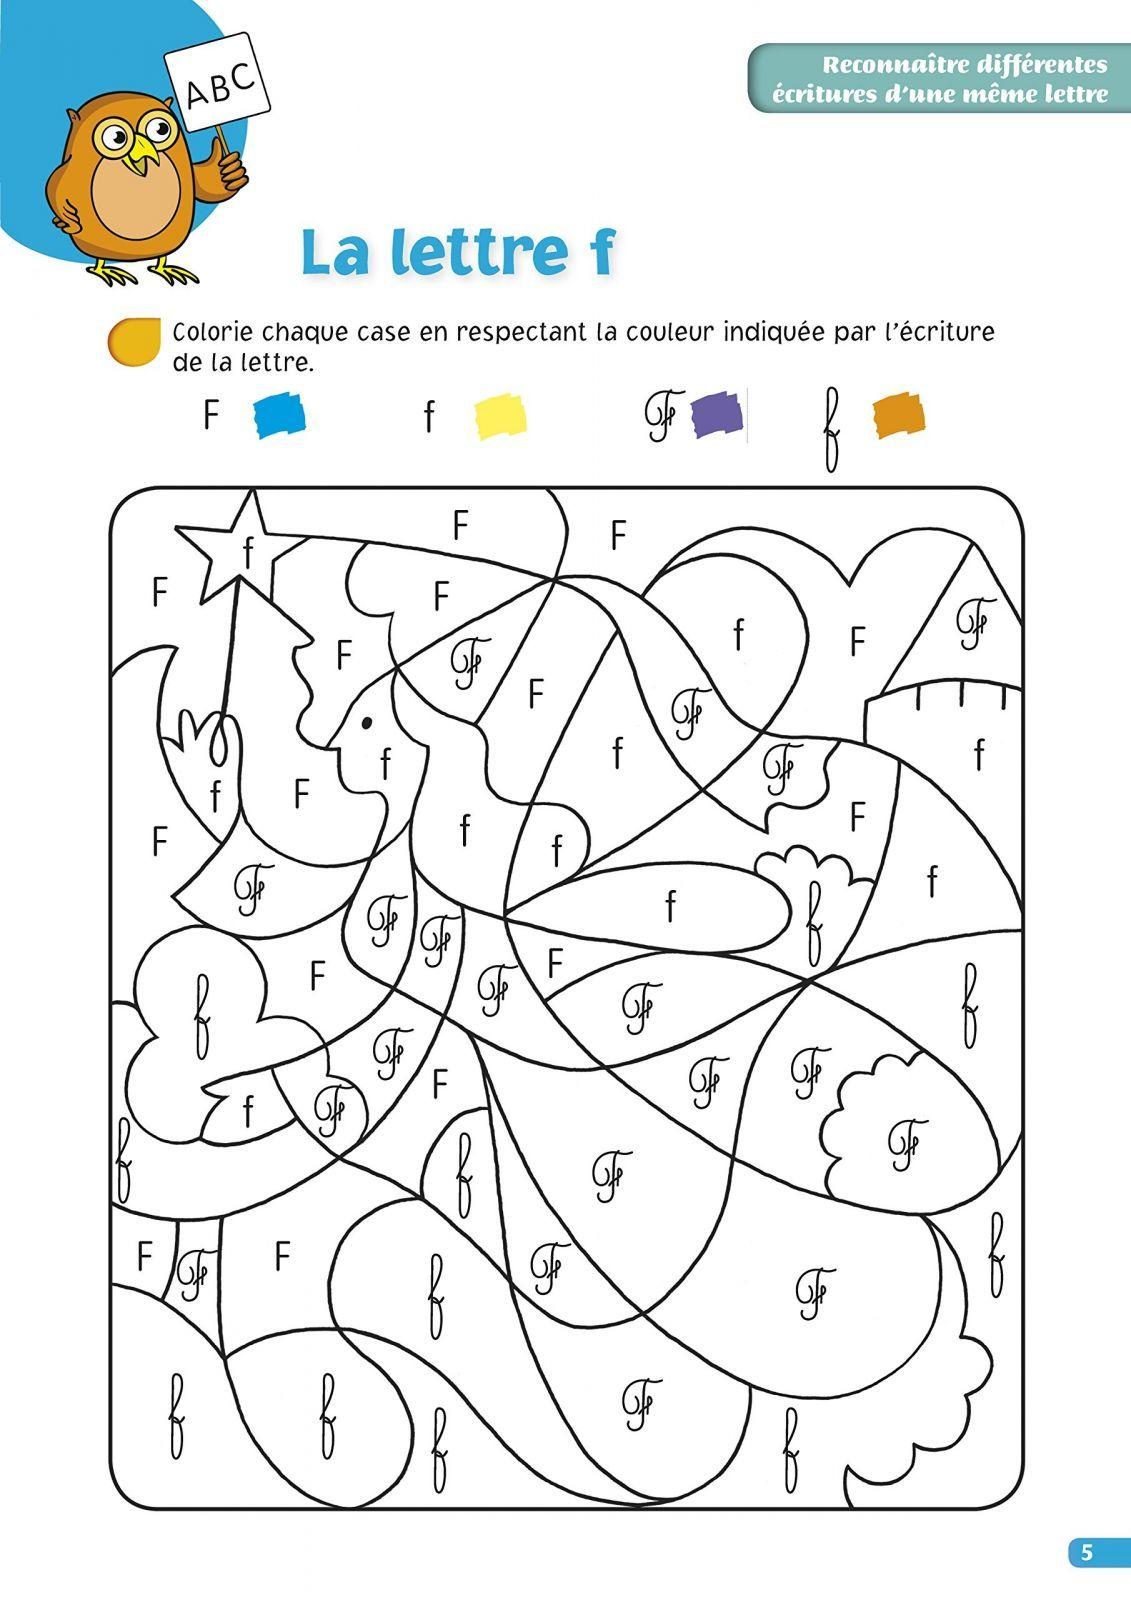 Coloriage Magique Gs Lettres Cursives En 2020 Coloriage Magique Gs Coloriage Magique Lettres Cursives